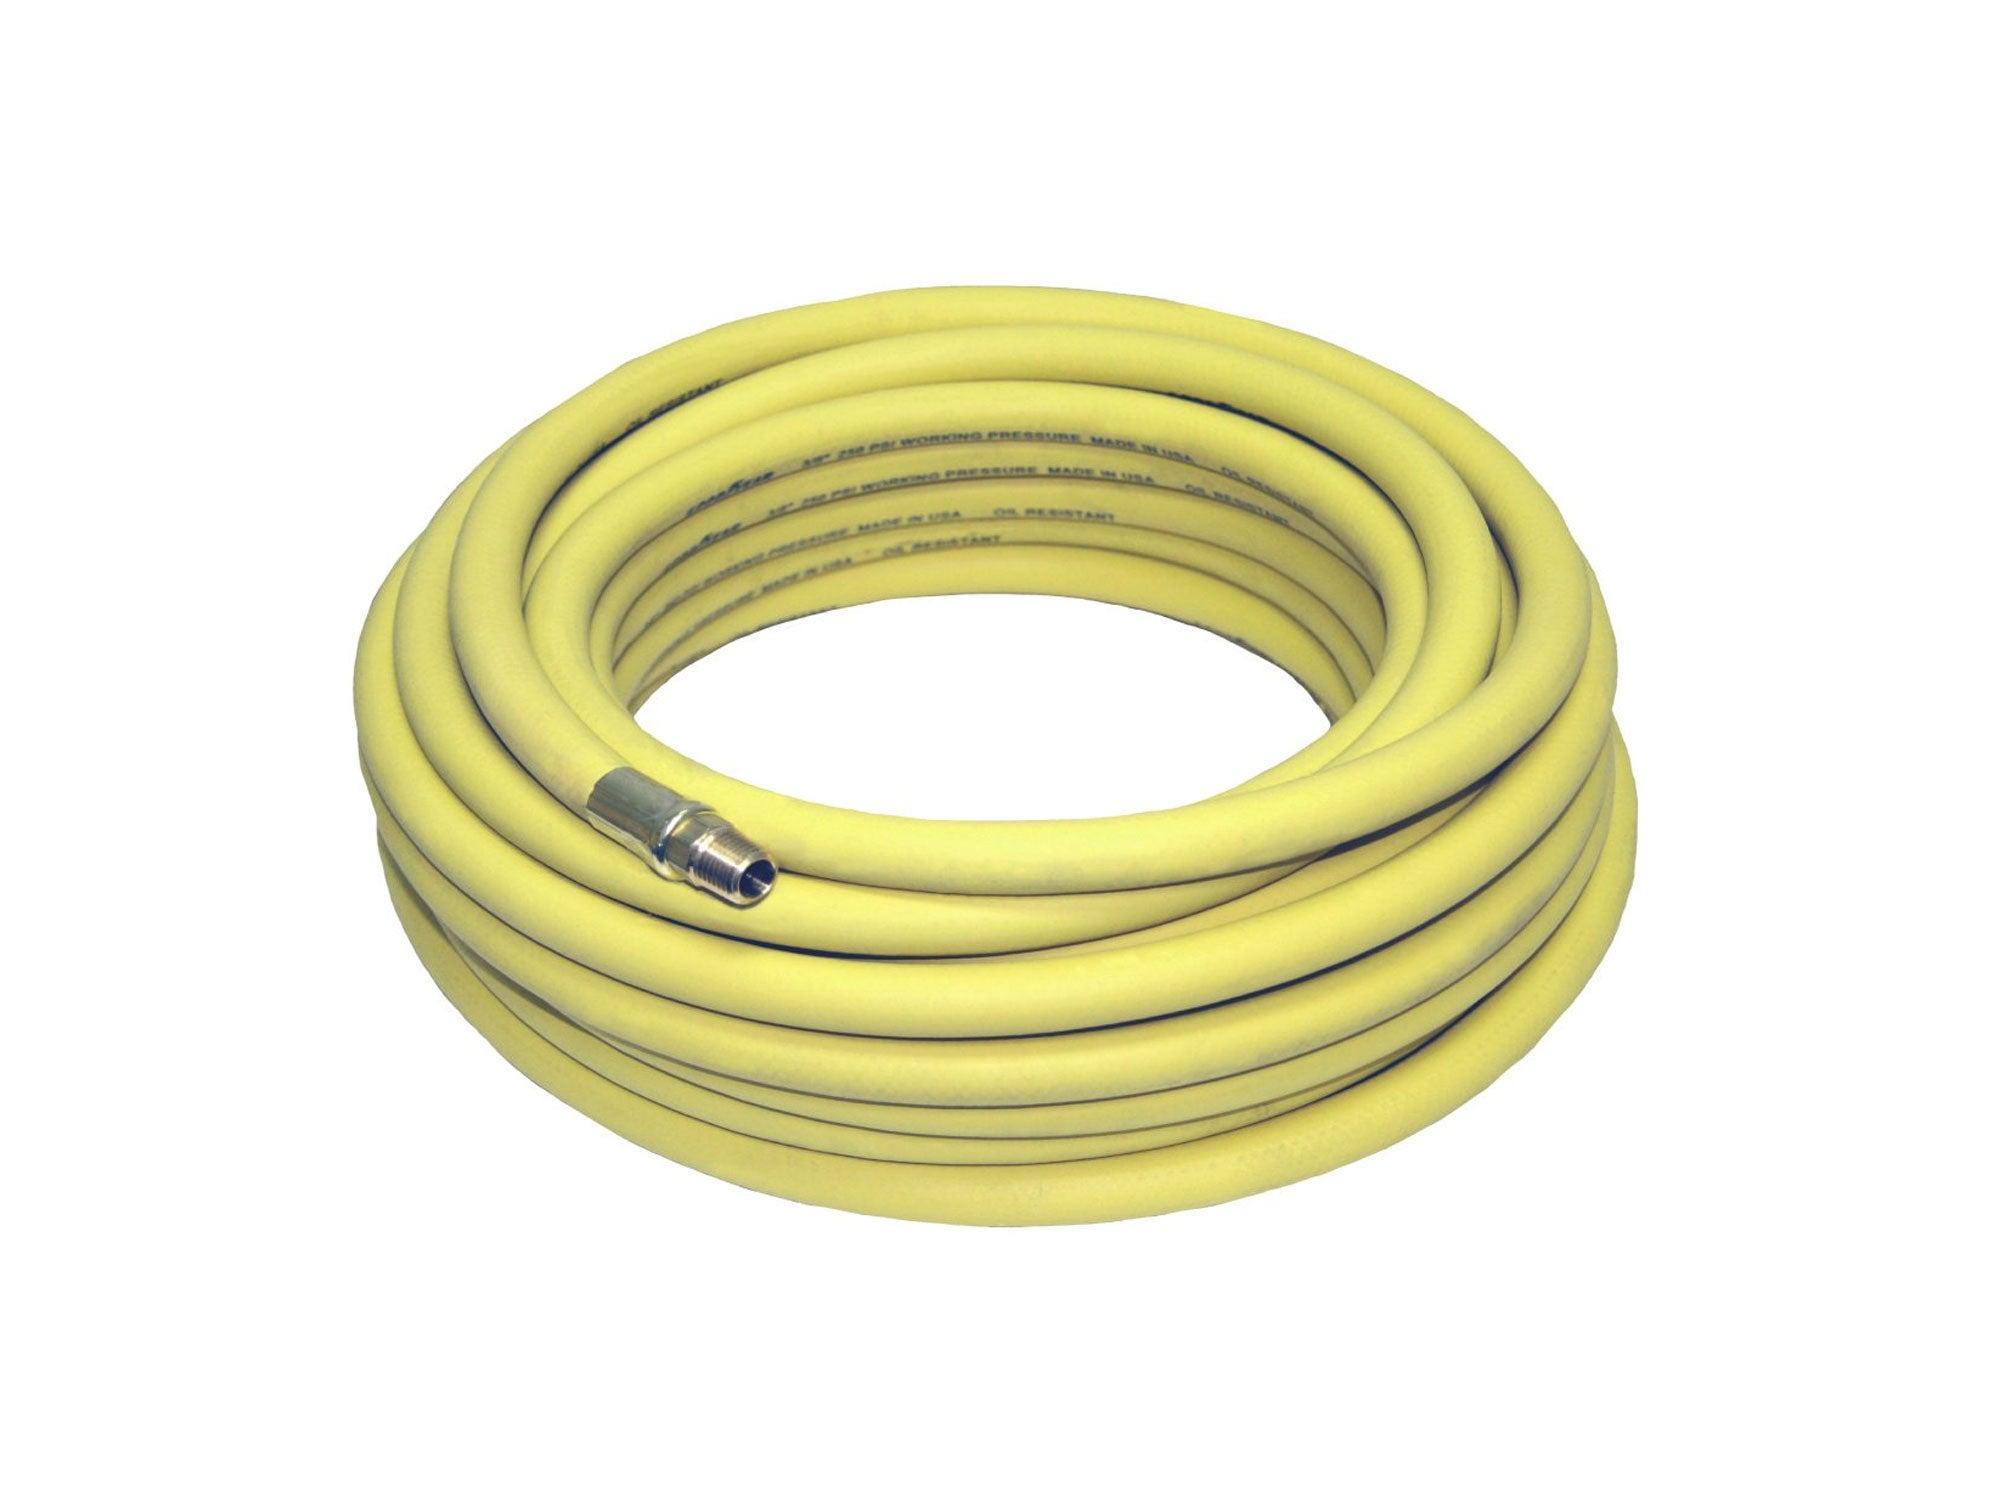 Goodyear air hose